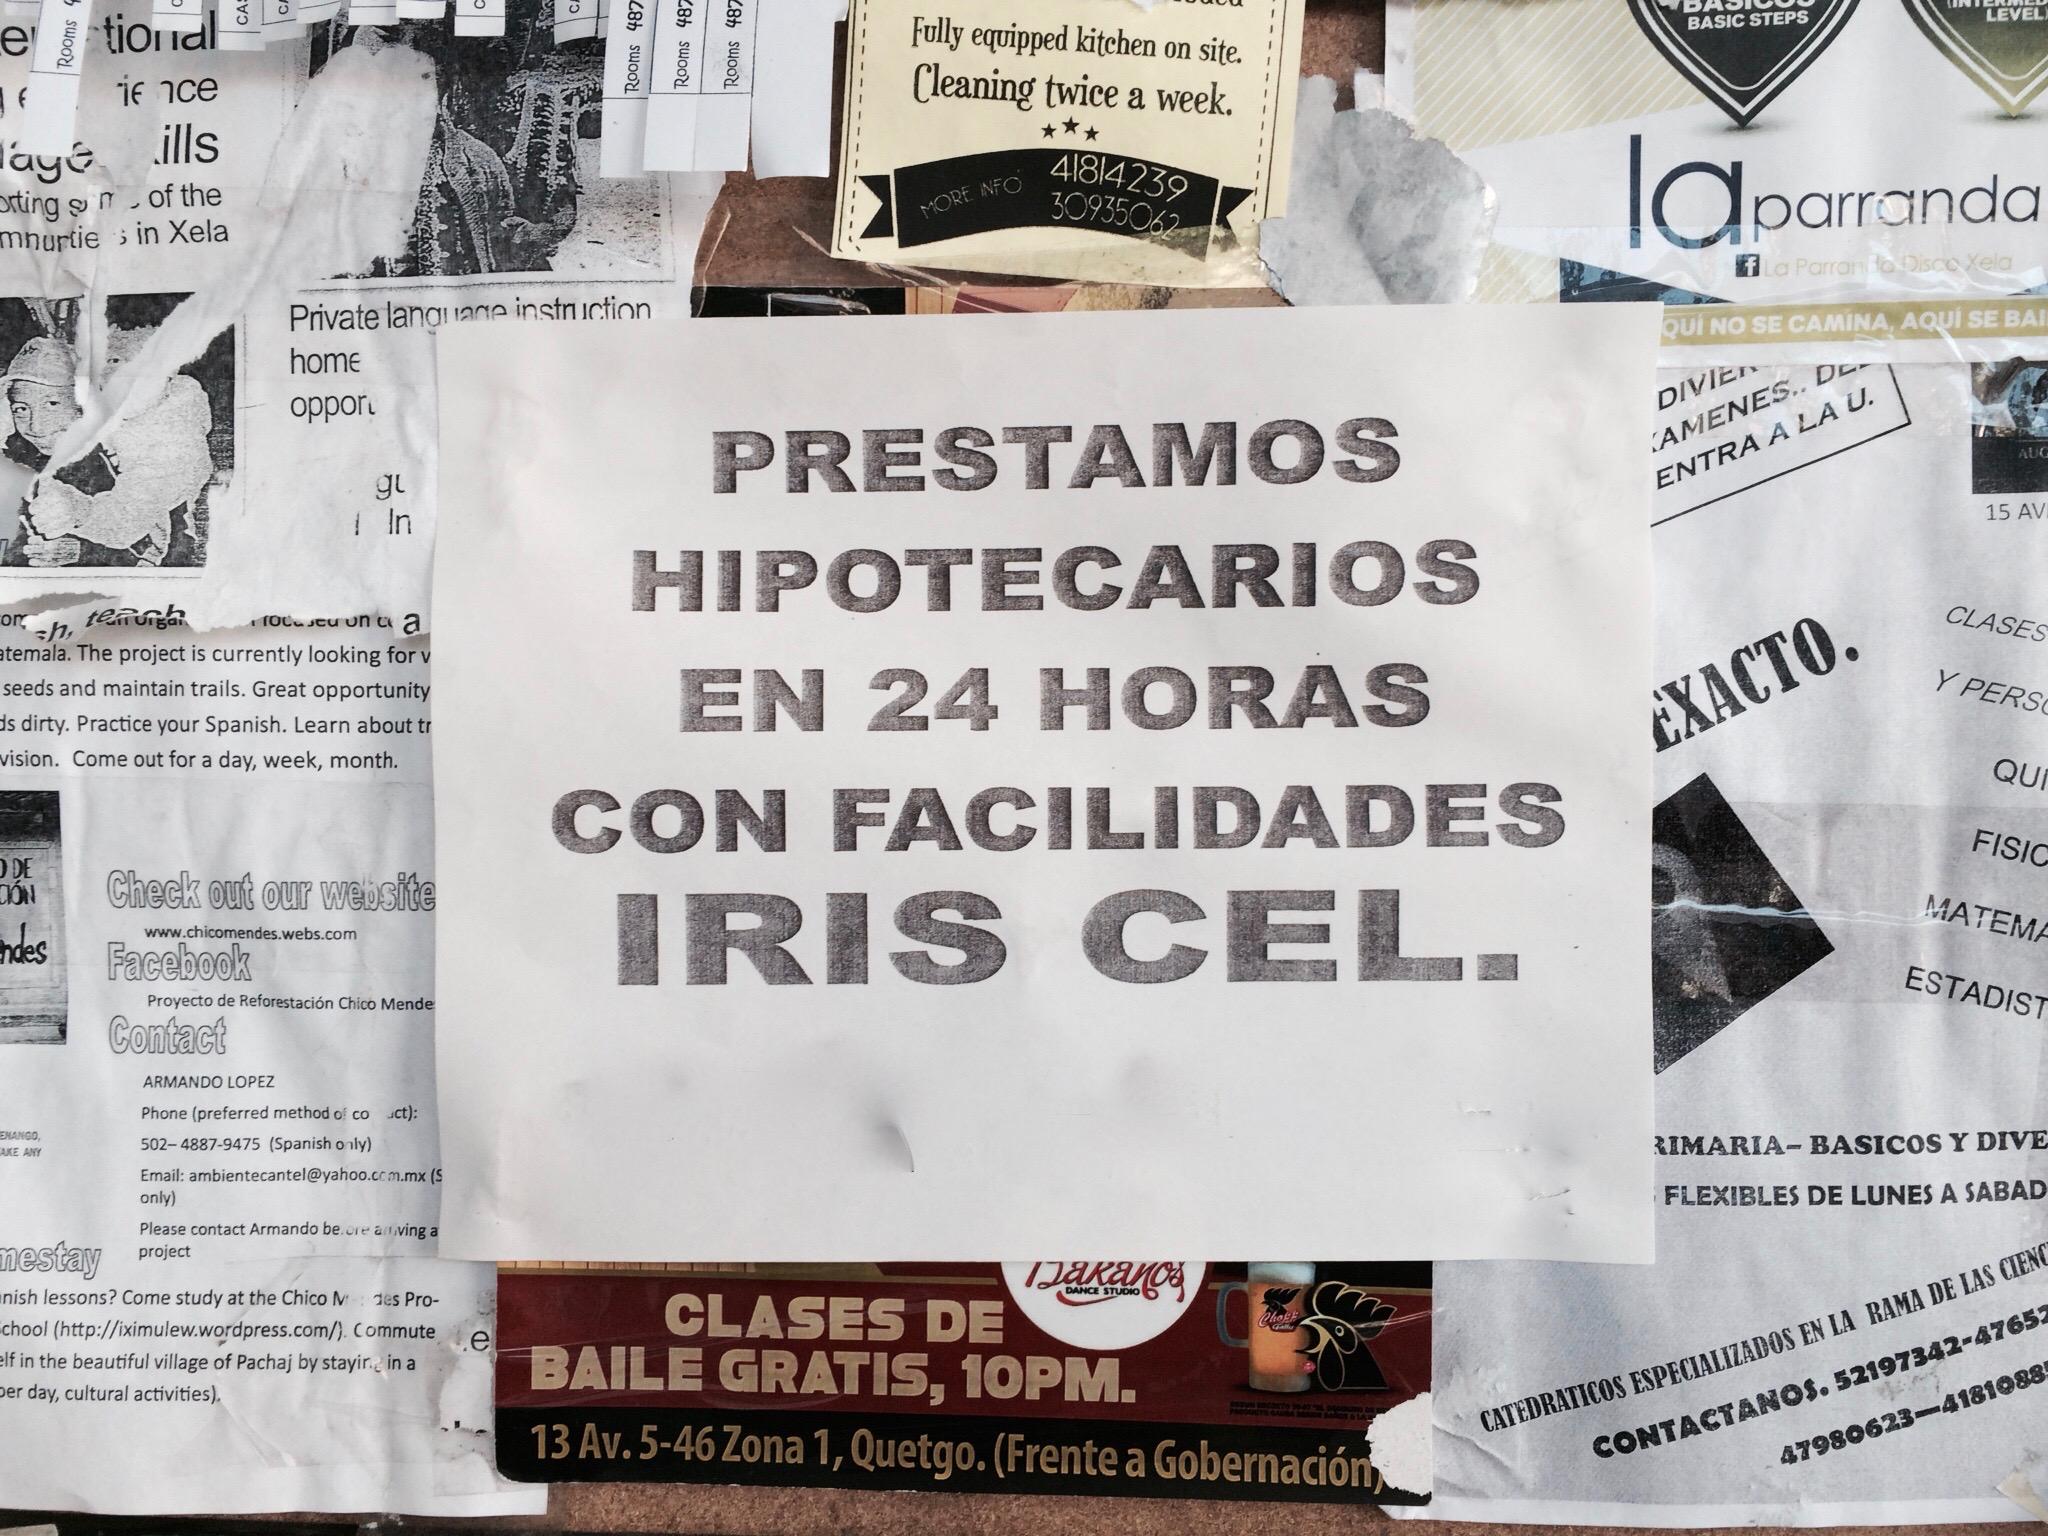 Prestamos hipotecarios en 24 horas, Departamento de Quetzaltenango (Anonimizada). Créditos fotográficos: Lauren Heidbrink